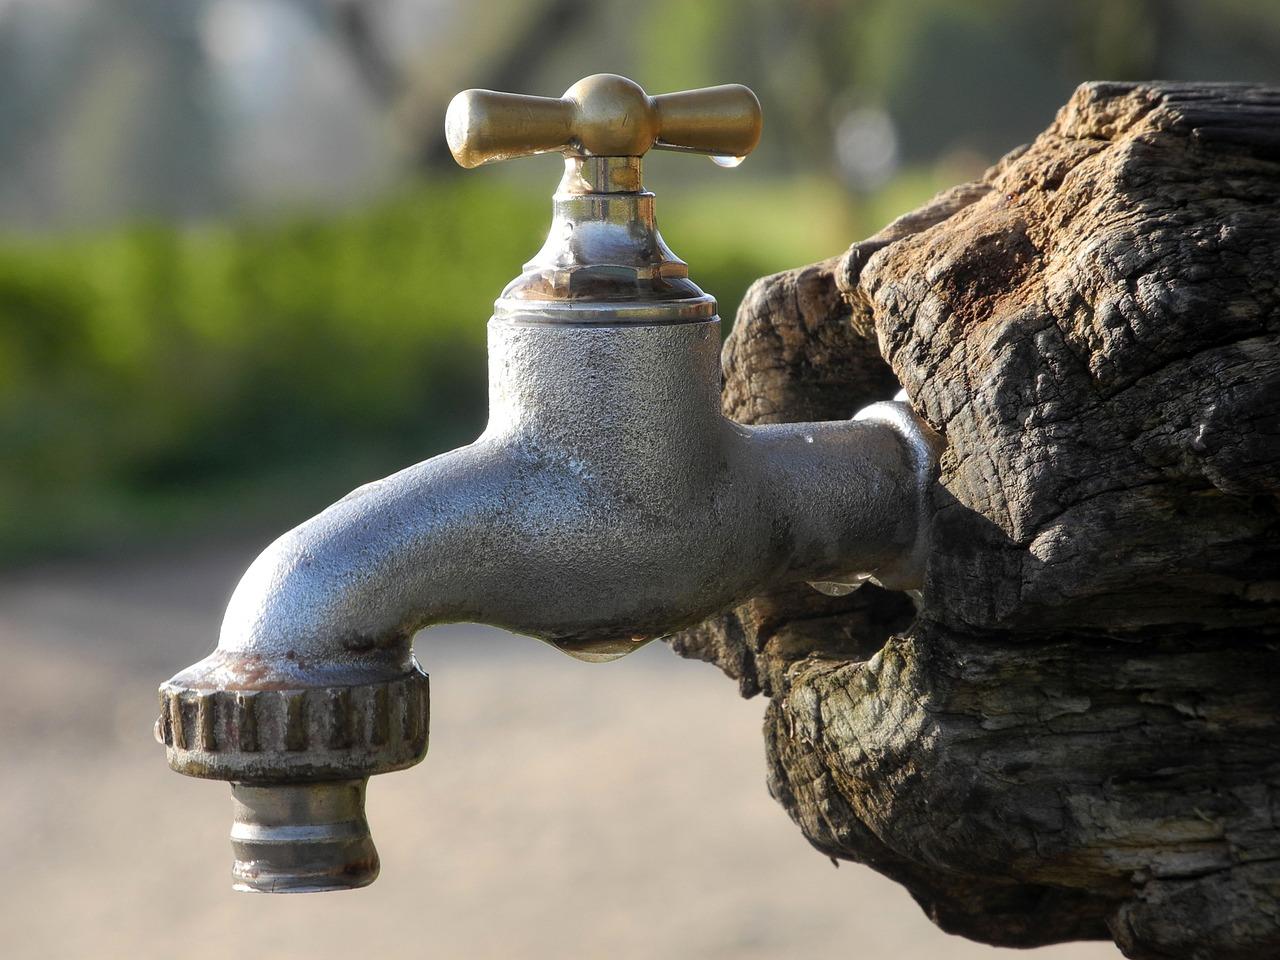 Acqua rossa a Massarosa, Gaia investirà 300mila euro su fognature e acquedotto